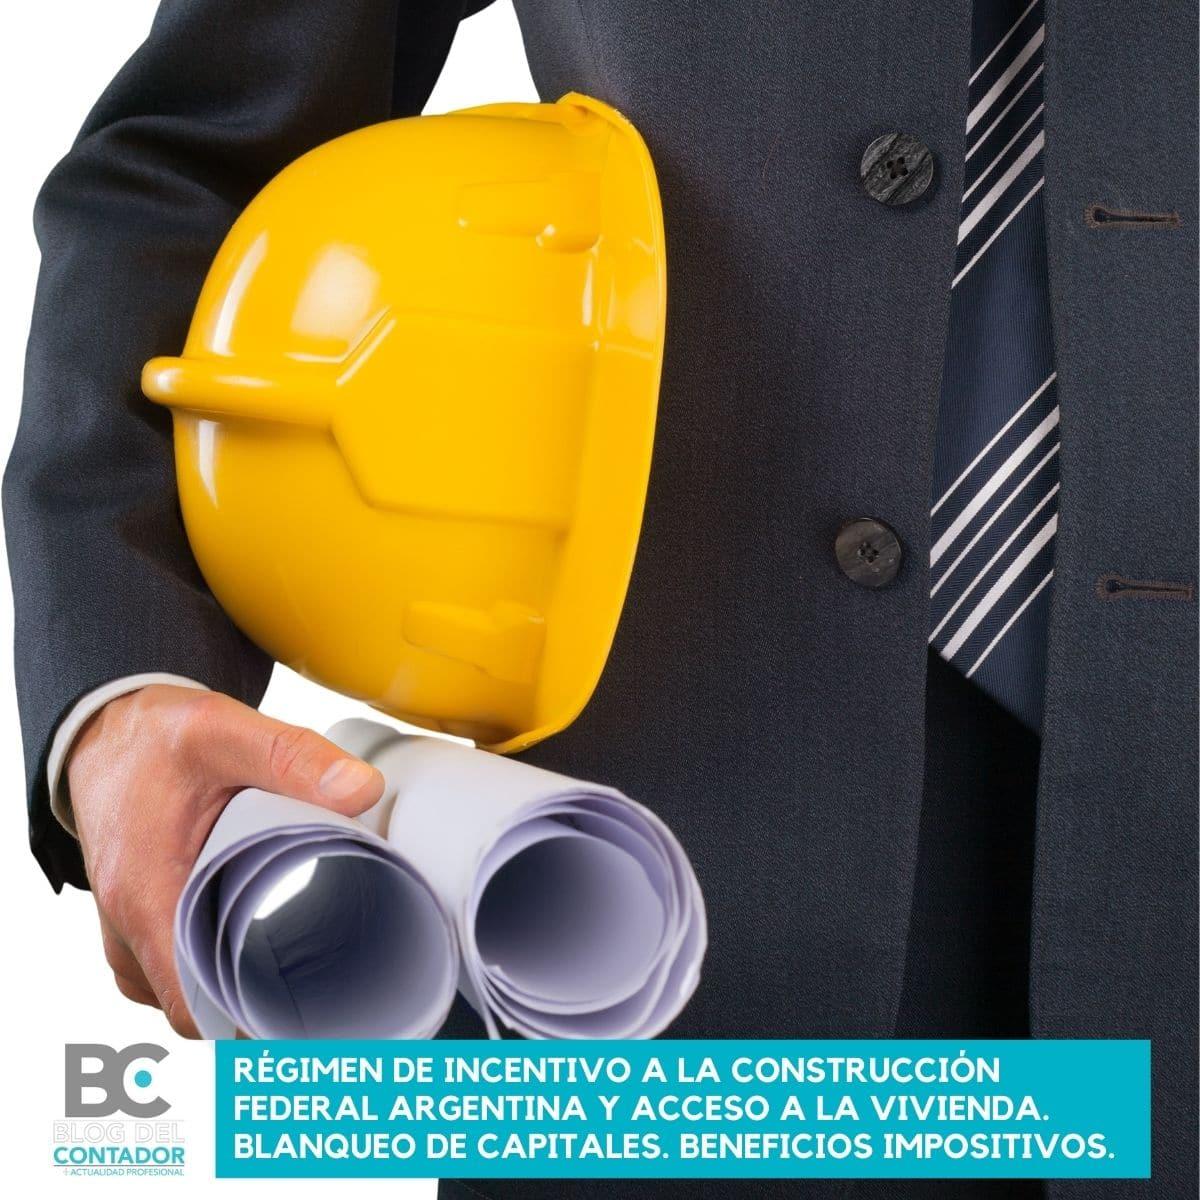 Régimen de Incentivo a la Construcción Federal Argentina y Acceso a la Vivienda. Blanqueo de capitales. Beneficios impositivos.